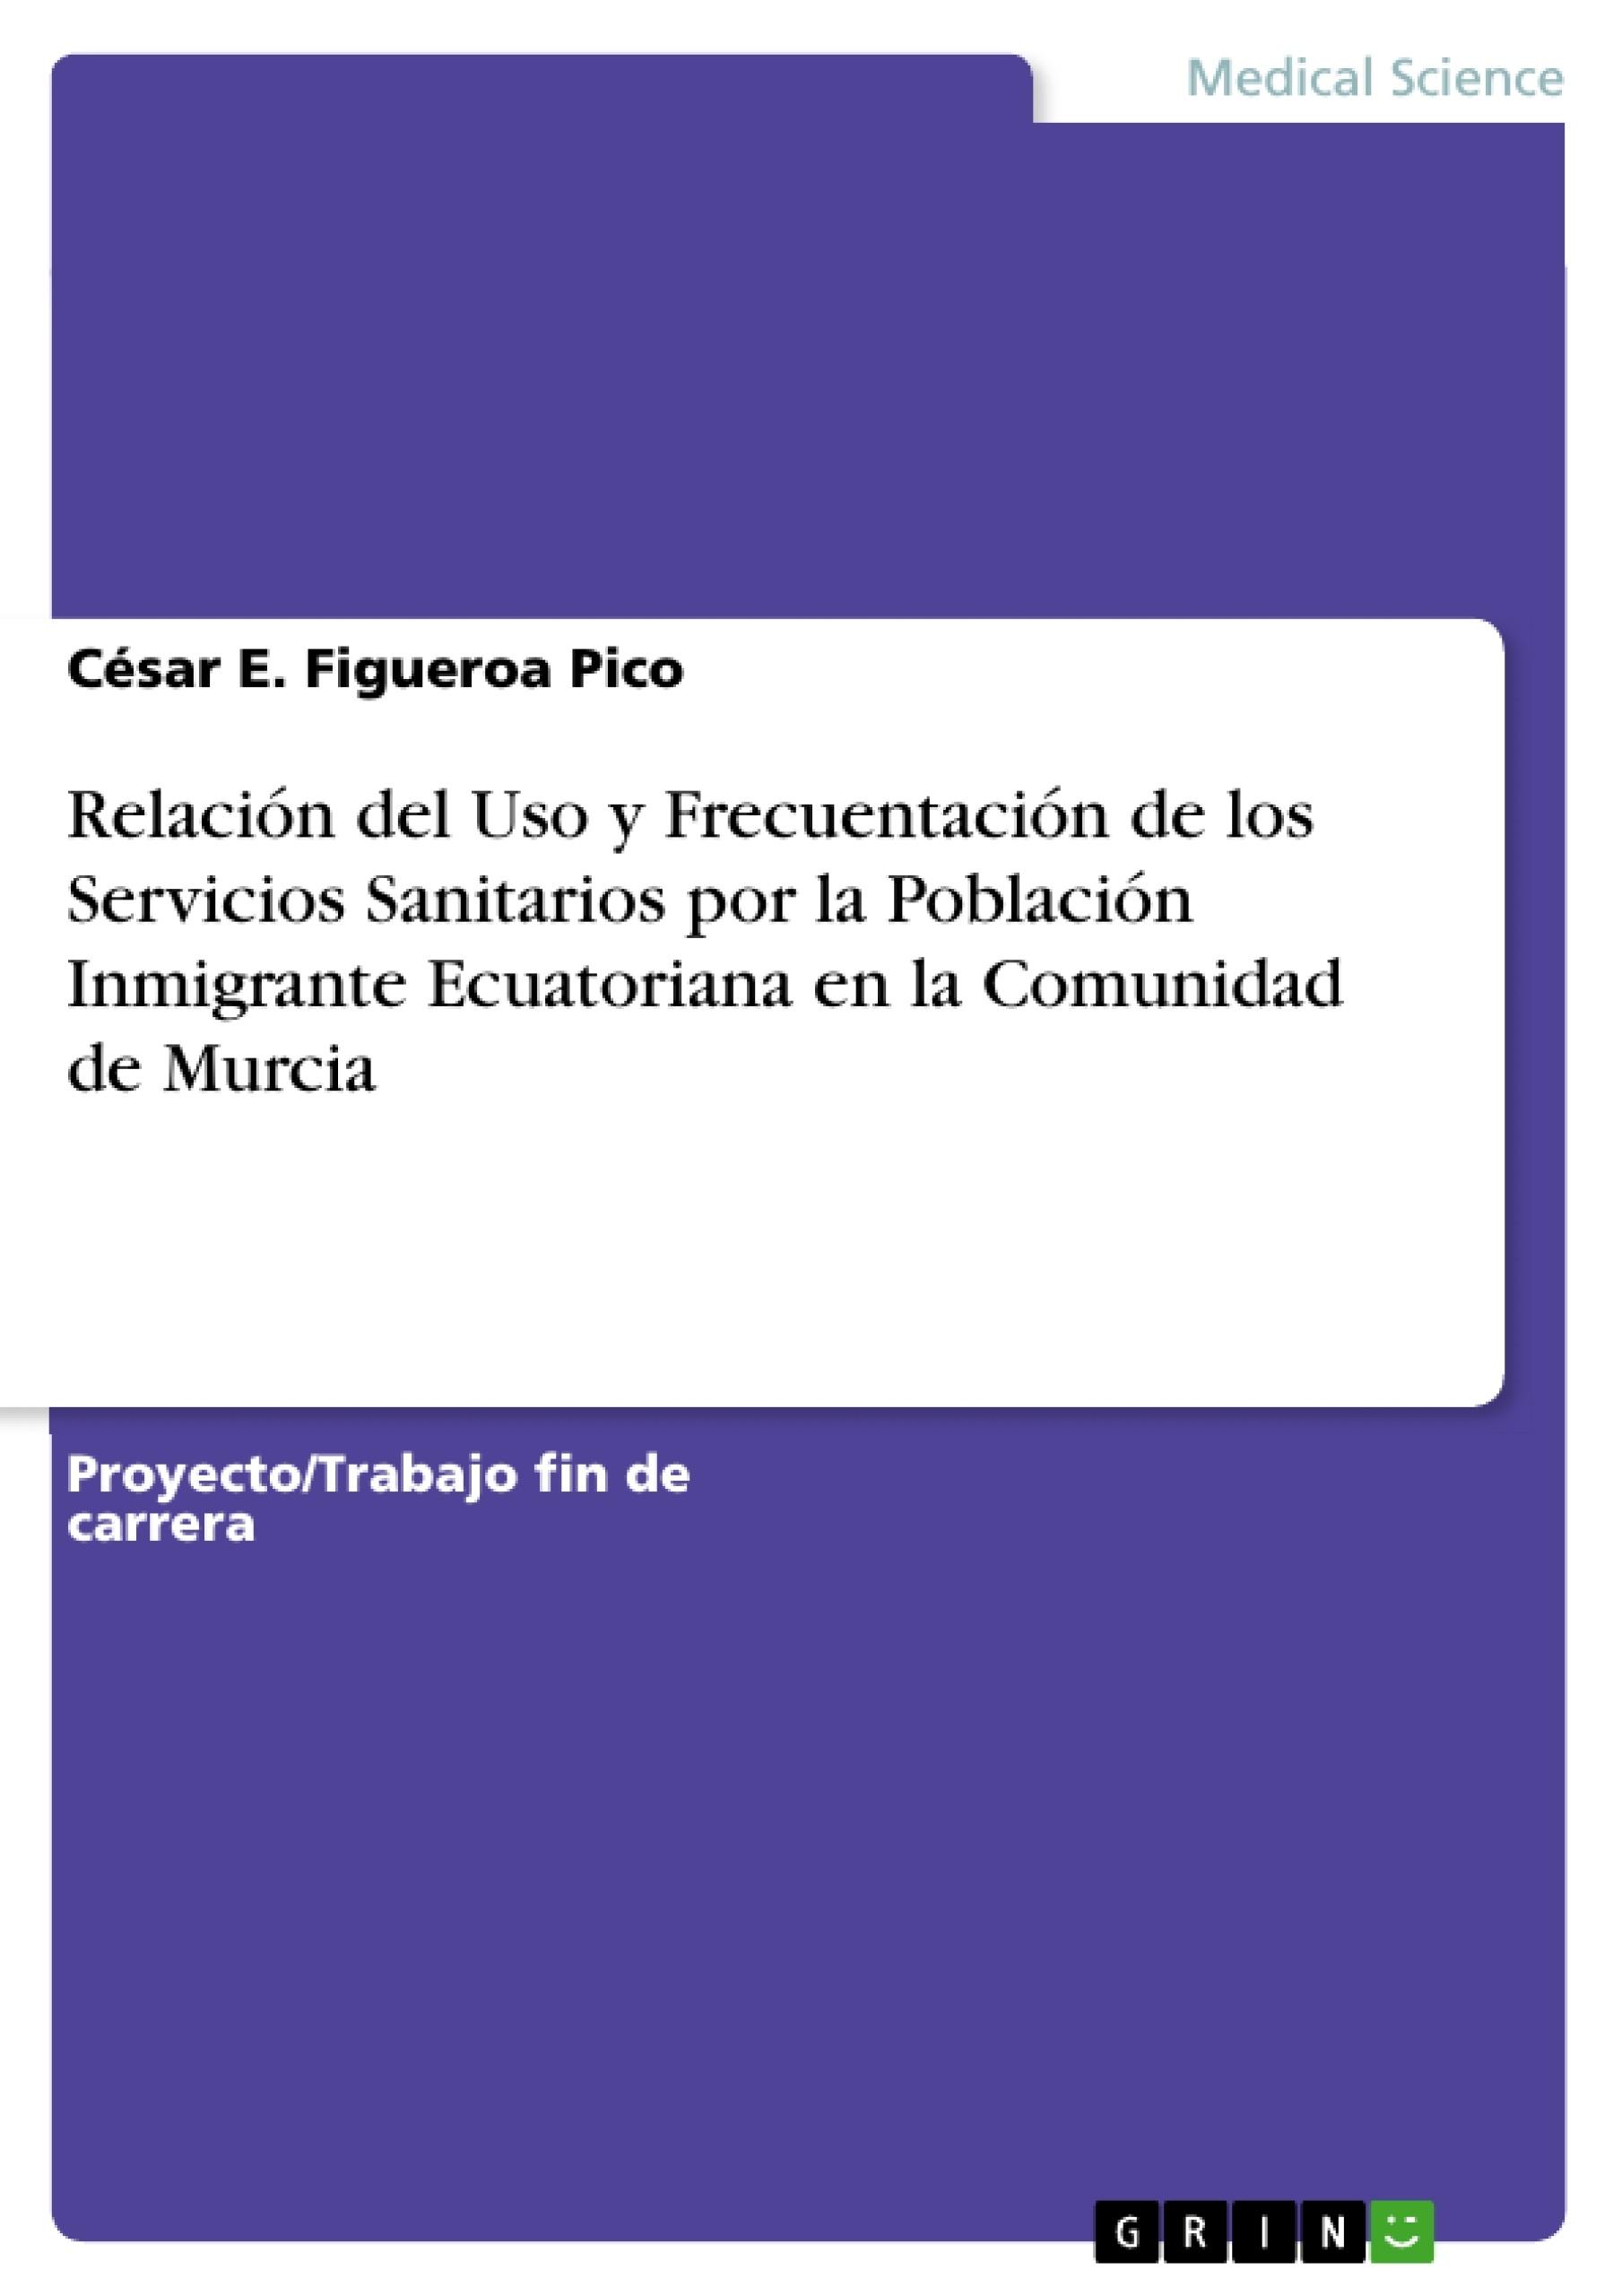 Título: Relación del Uso y Frecuentación de los Servicios Sanitarios por la Población Inmigrante Ecuatoriana en la Comunidad de Murcia